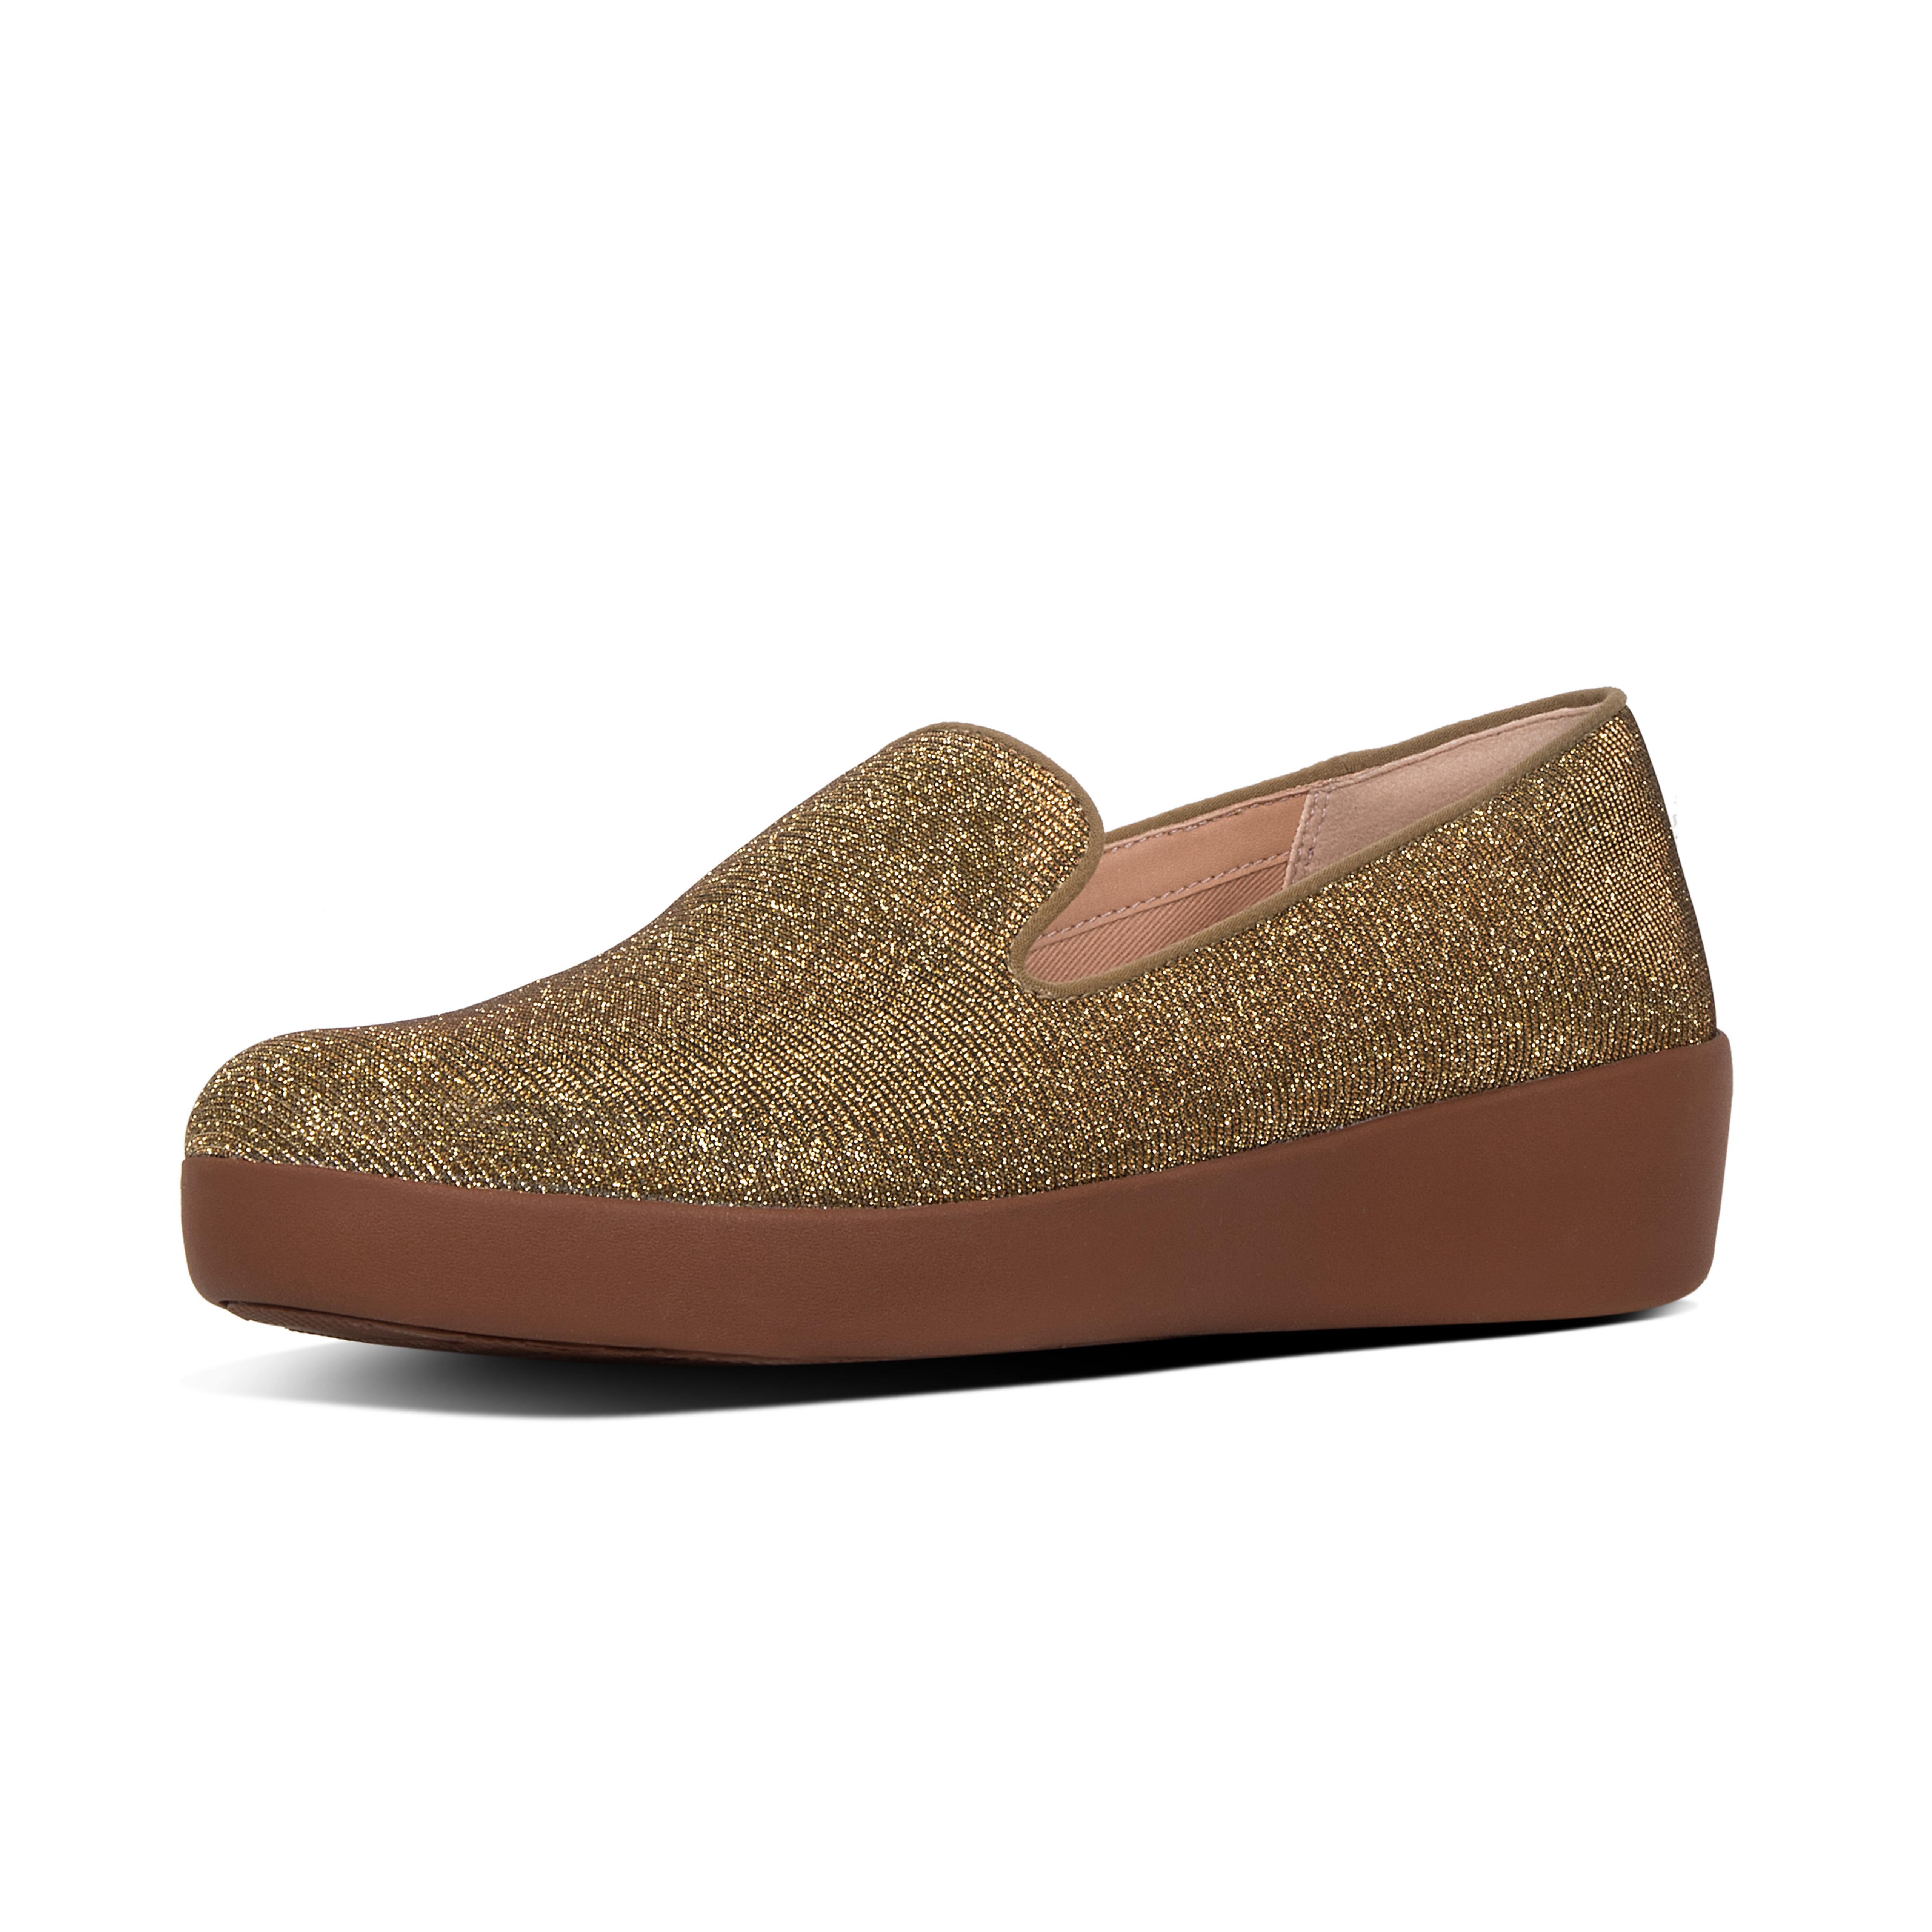 Audrey glitzy smoking slipper artisan gold q90 667?v=3